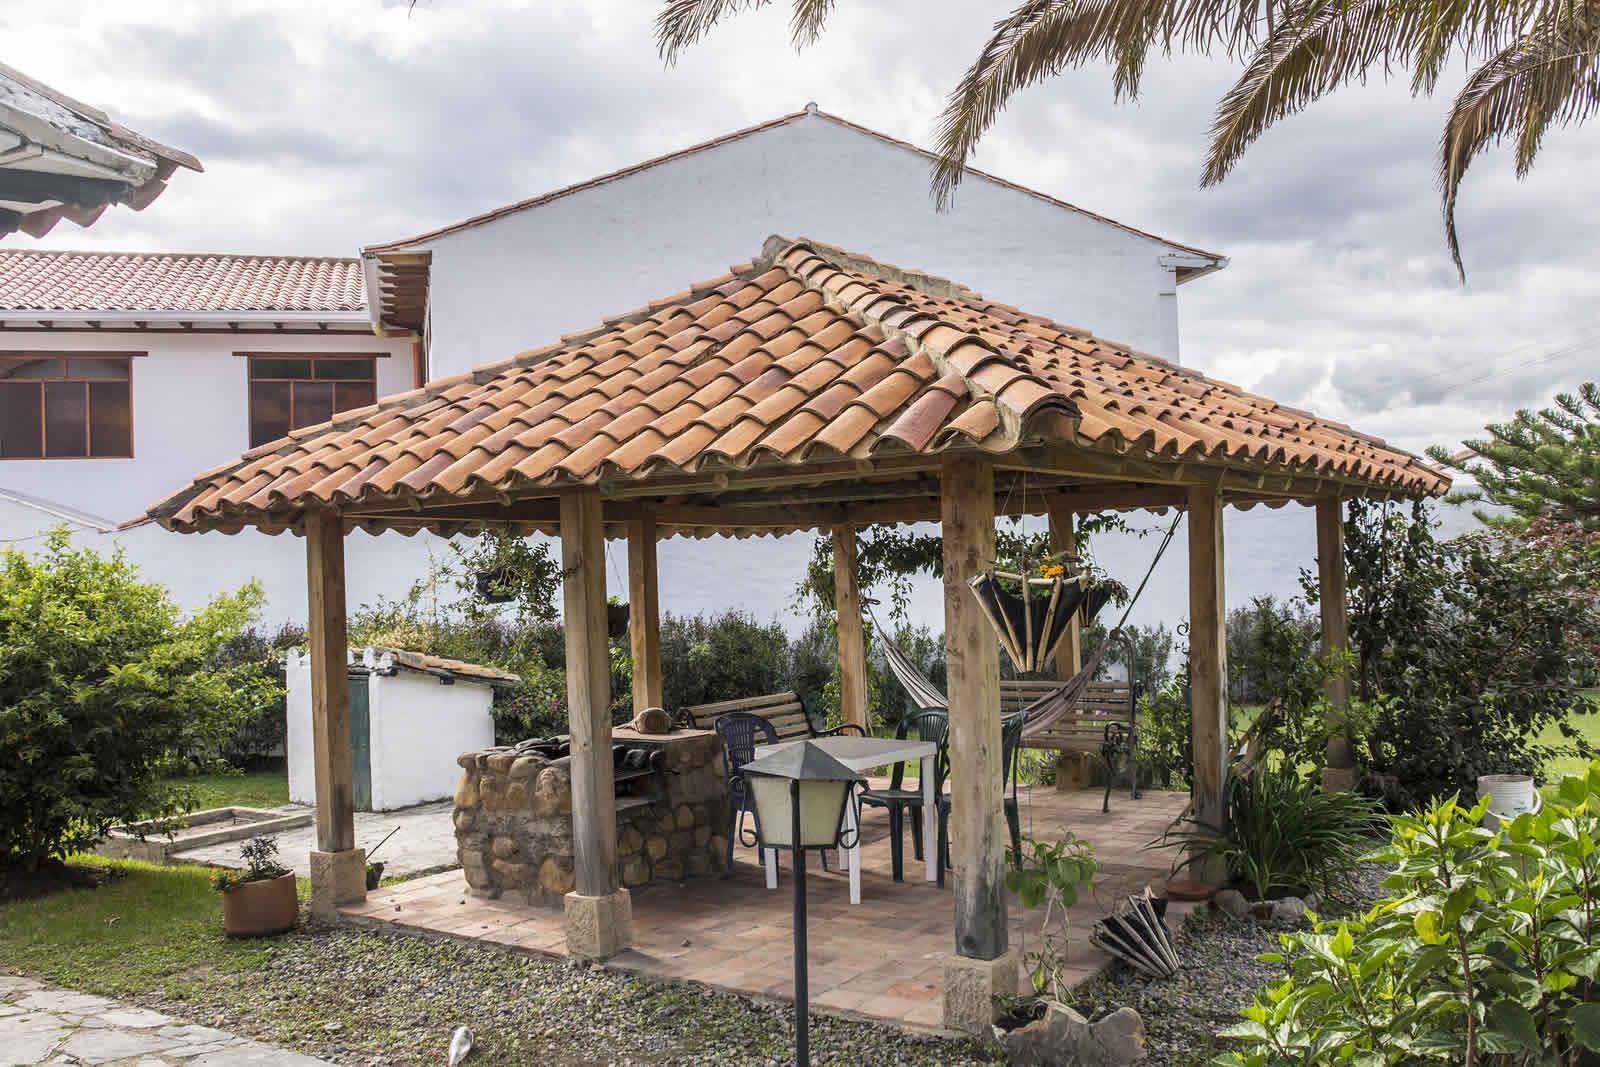 Casa tamoe en villa de leyva for Kioscos para fincas